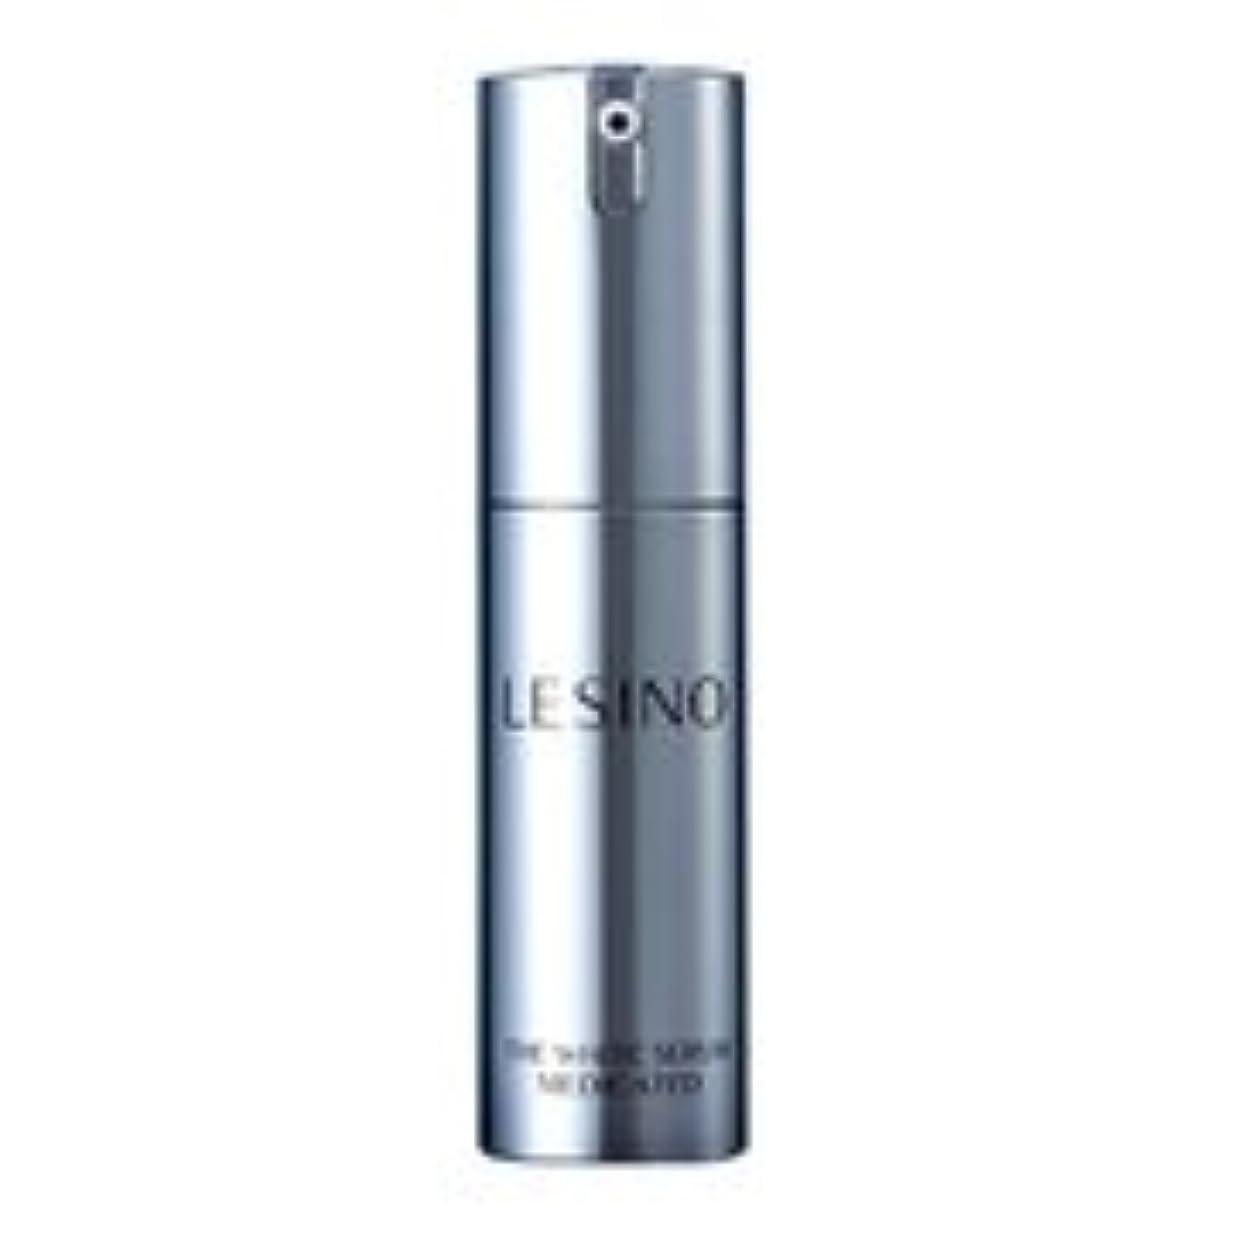 高層ビル思い出させる定期的LESINO エルシーノ 美白美容液 15ml 医薬部外品